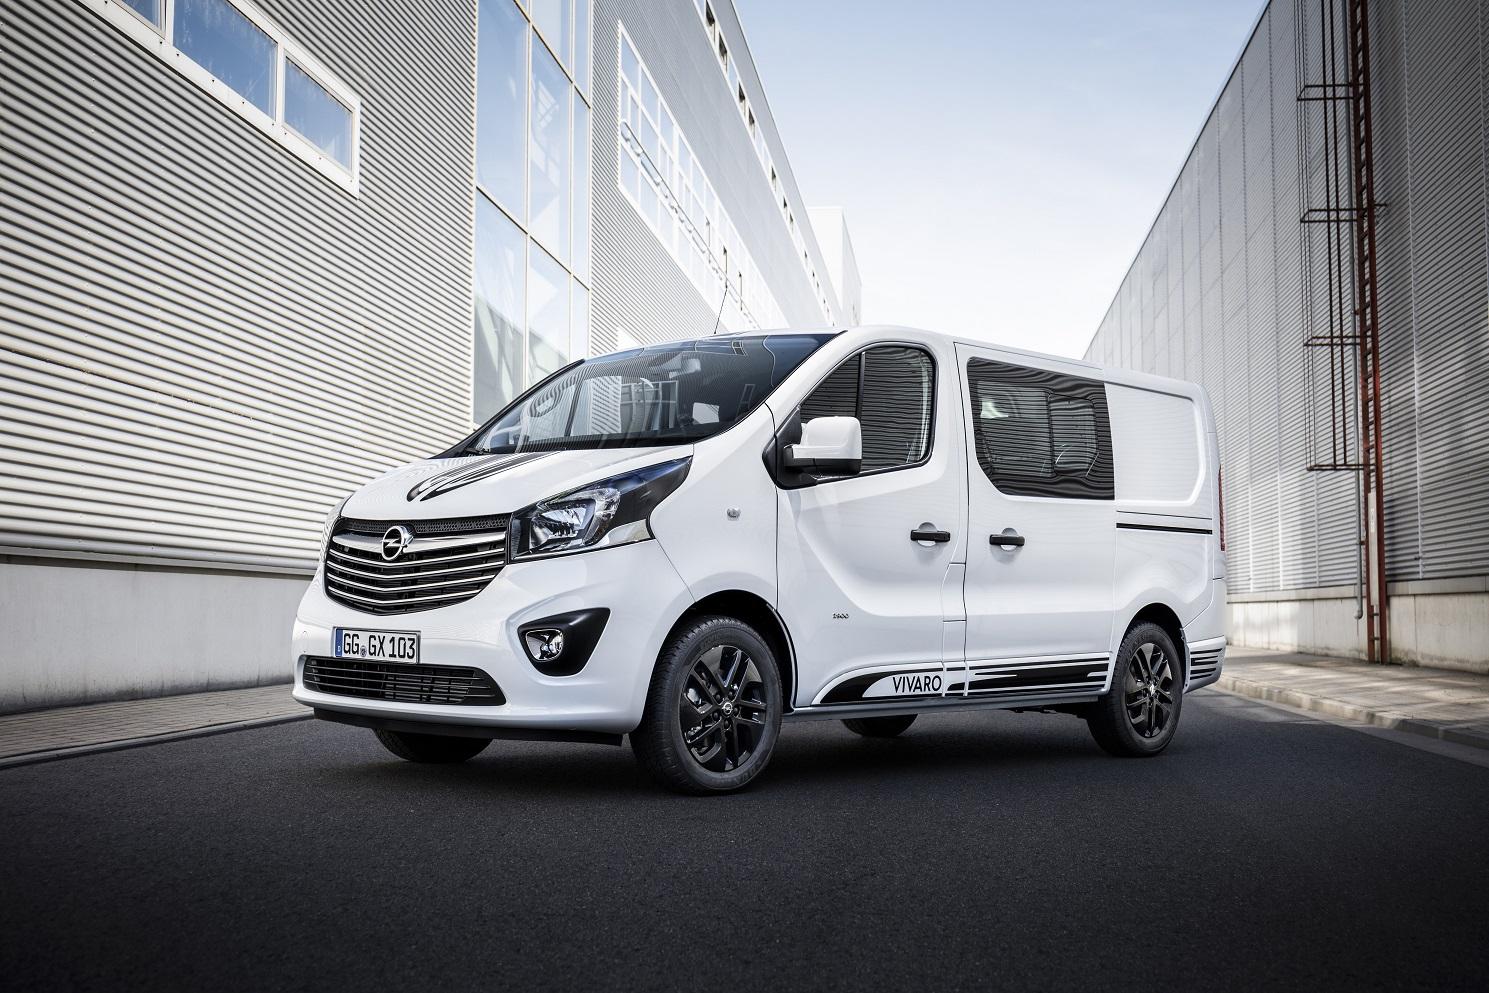 El Opel Vivaro Sport ofrece una alternativa para los que buscan un vehiculo comercial y el confort y la deportividad de un turismo.